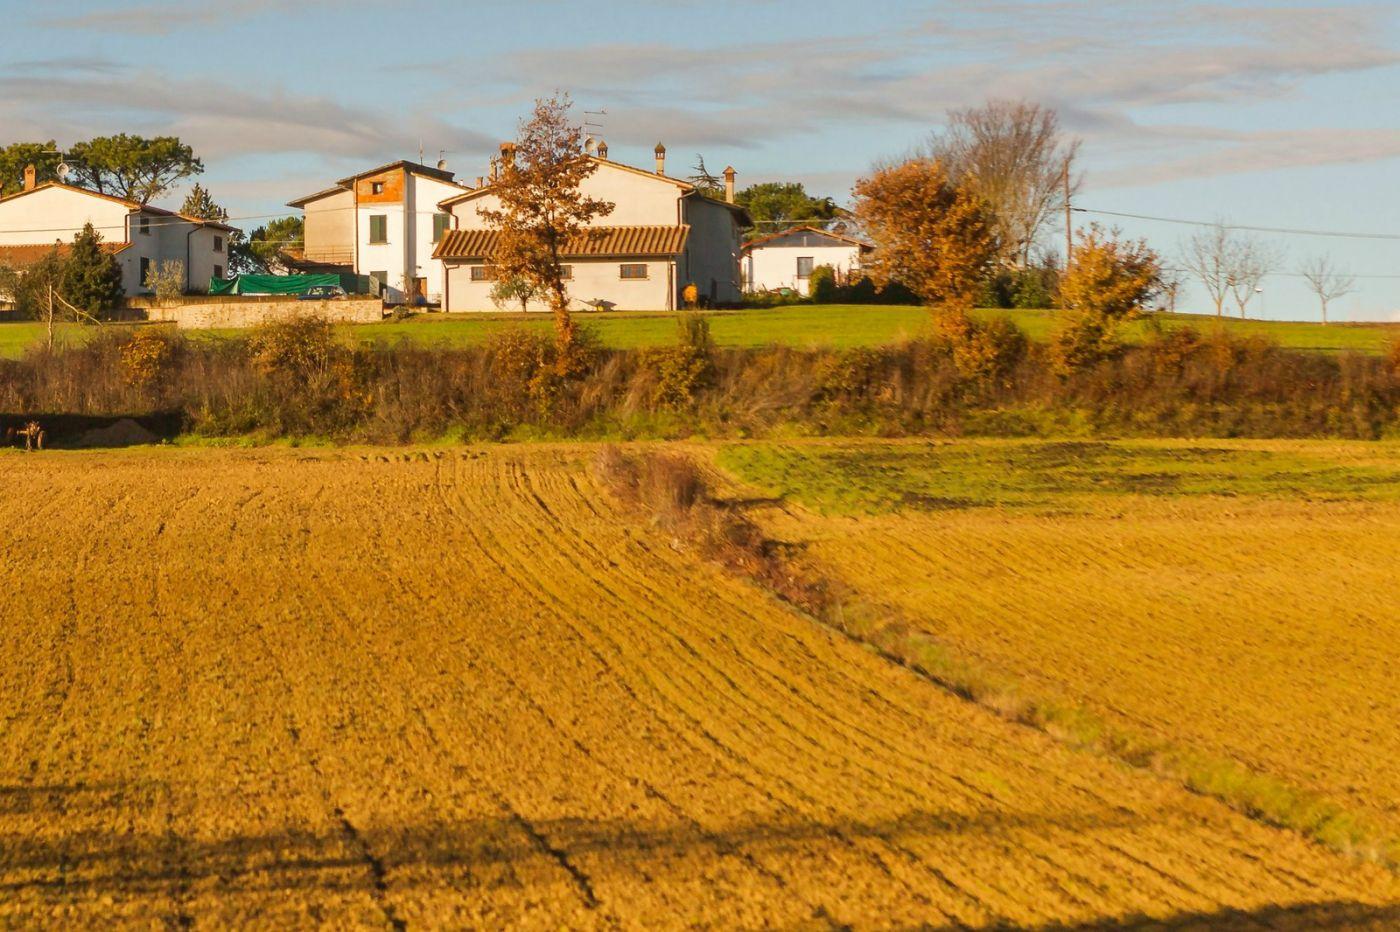 意大利路途,秋后的农村_图1-9